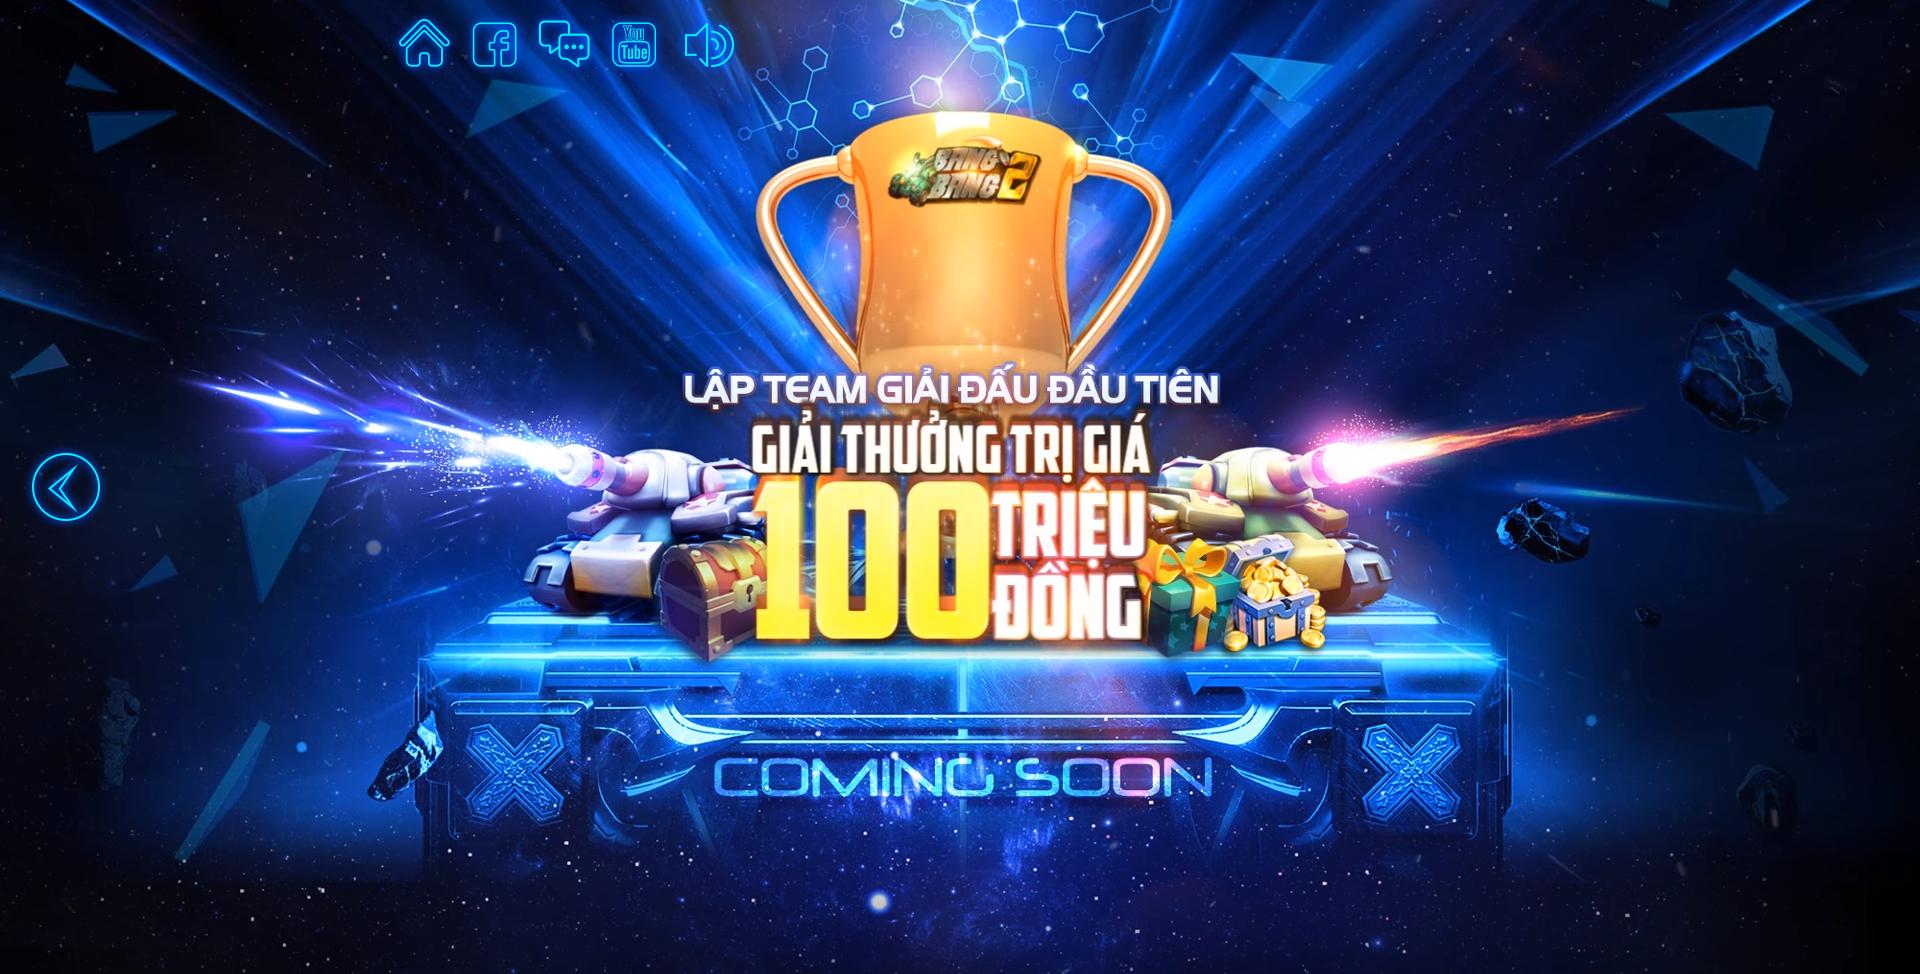 Rất nhiều tuyển thủ, streamer nổi tiếng hẹn so tài trong BangBang 2 0